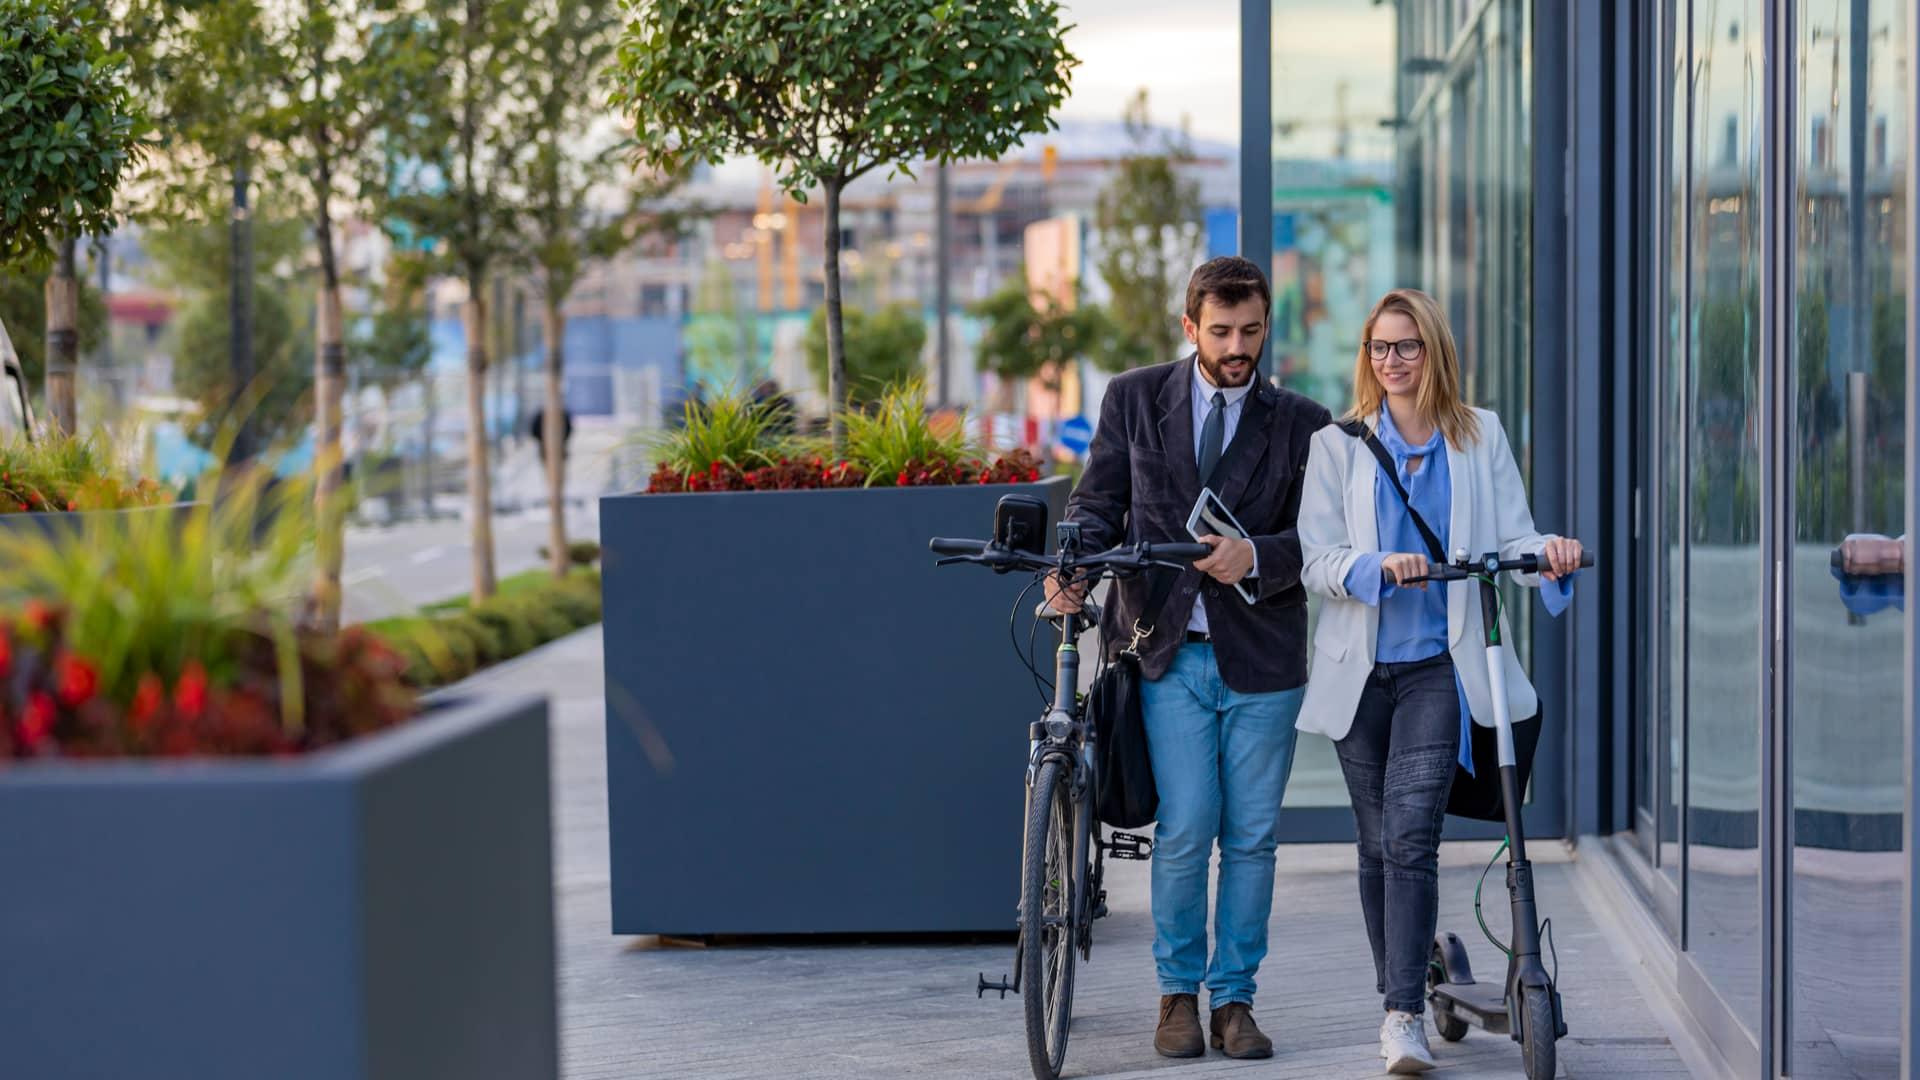 Seguro para patinete eléctrico: precios, coberturas y aseguradoras